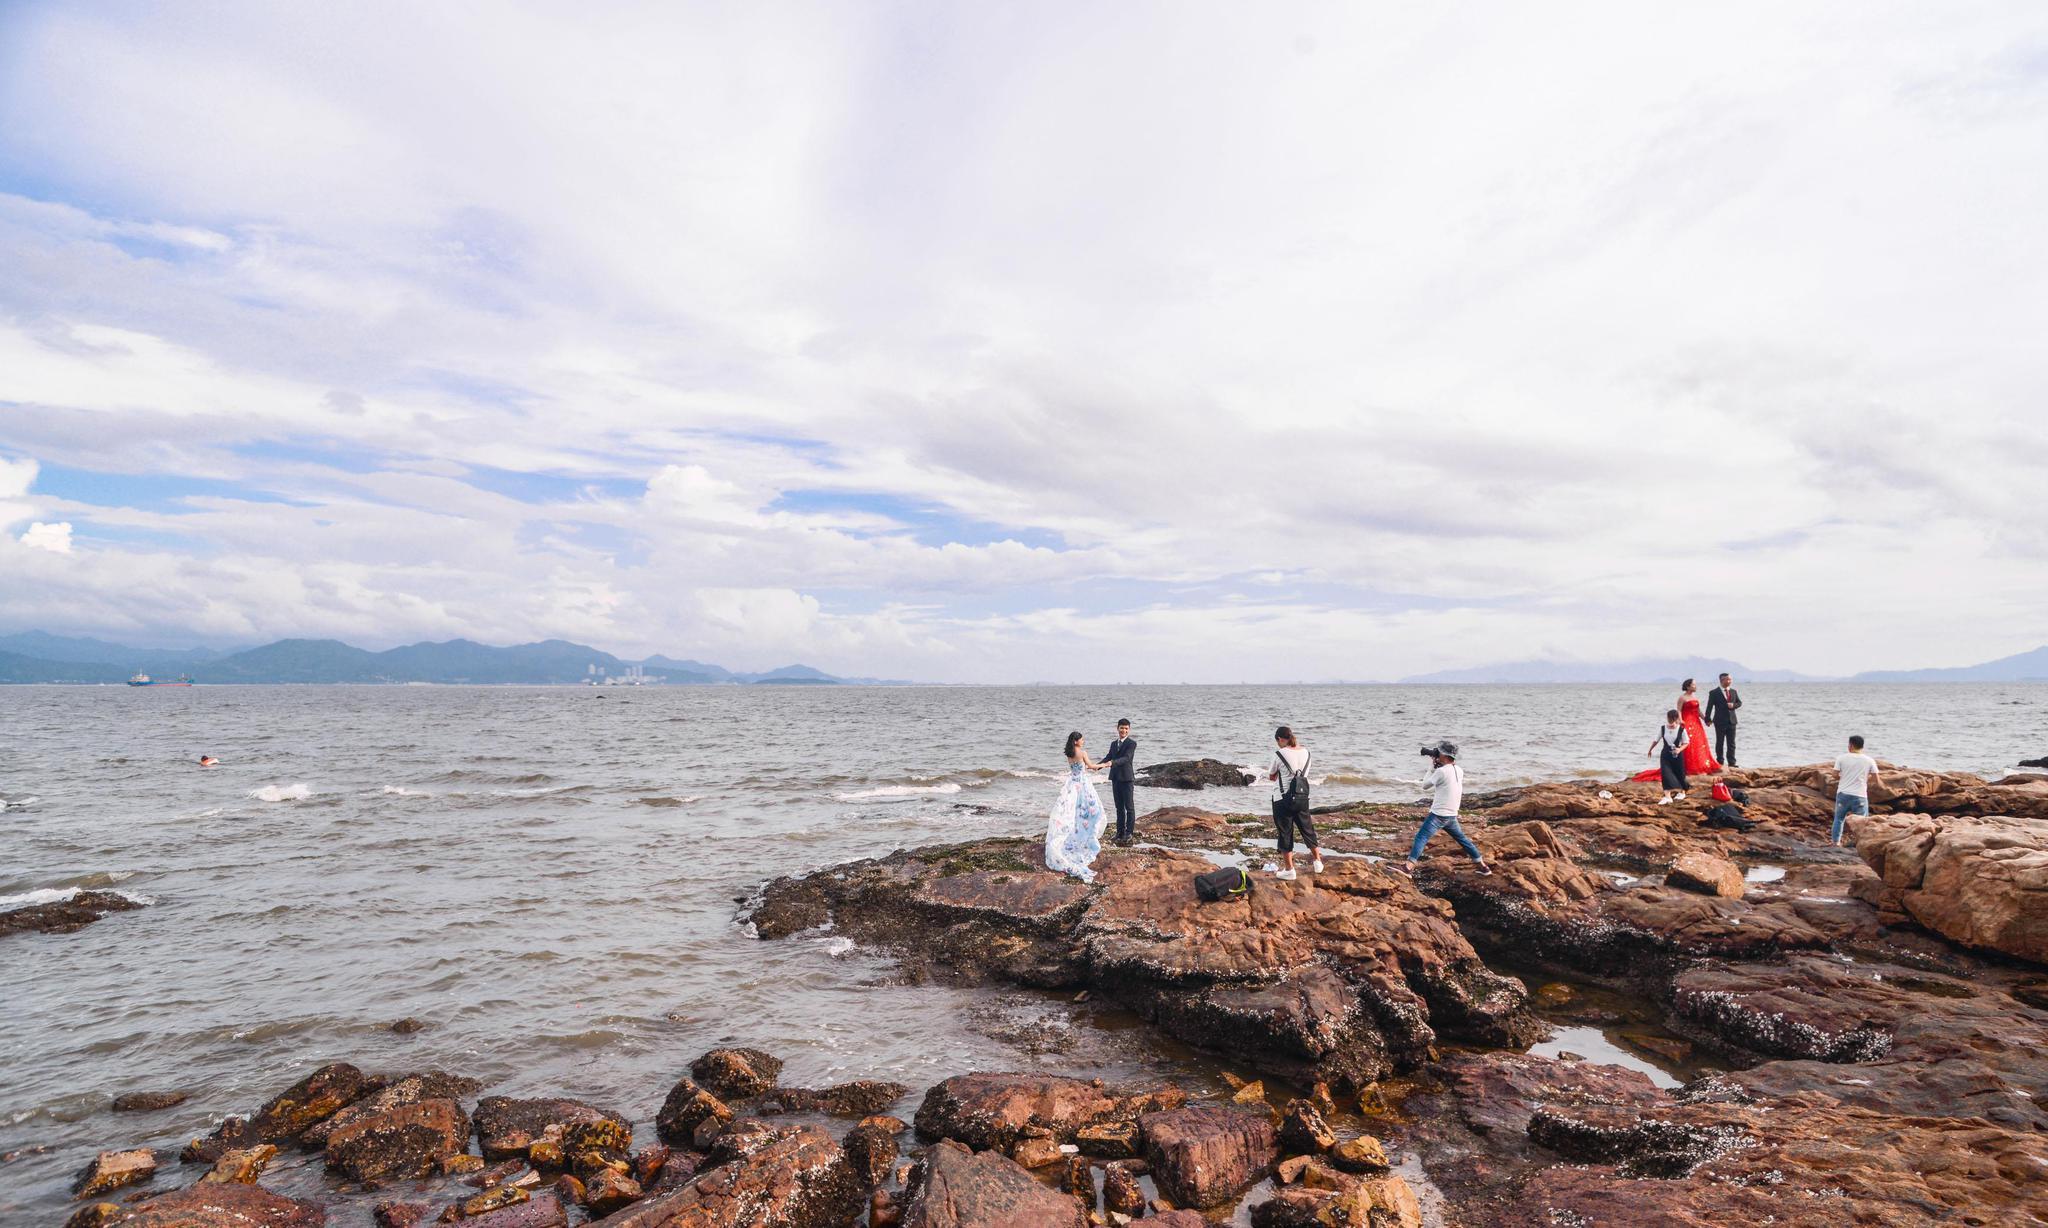 广东这个海湾,《何以笙箫默》电视剧的取景地,连蔡徐坤也来打卡